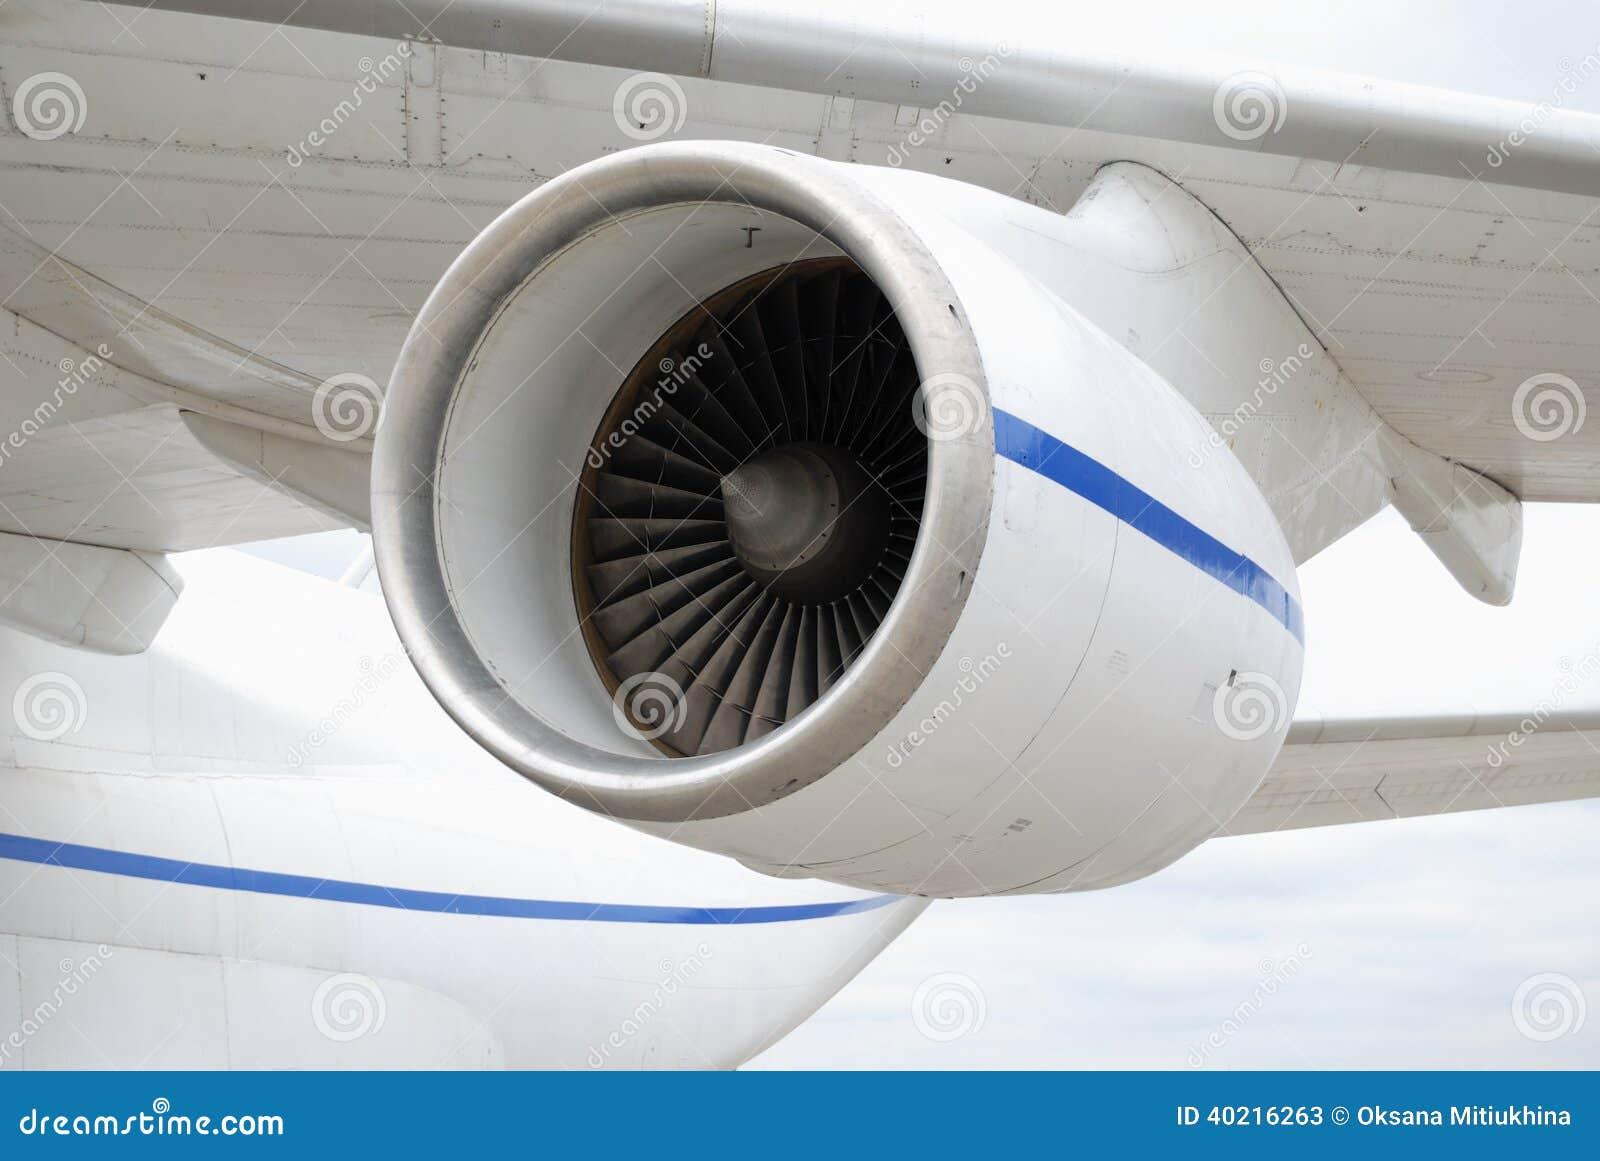 Turboladdare-stråle motor under vingen av ett flygplan